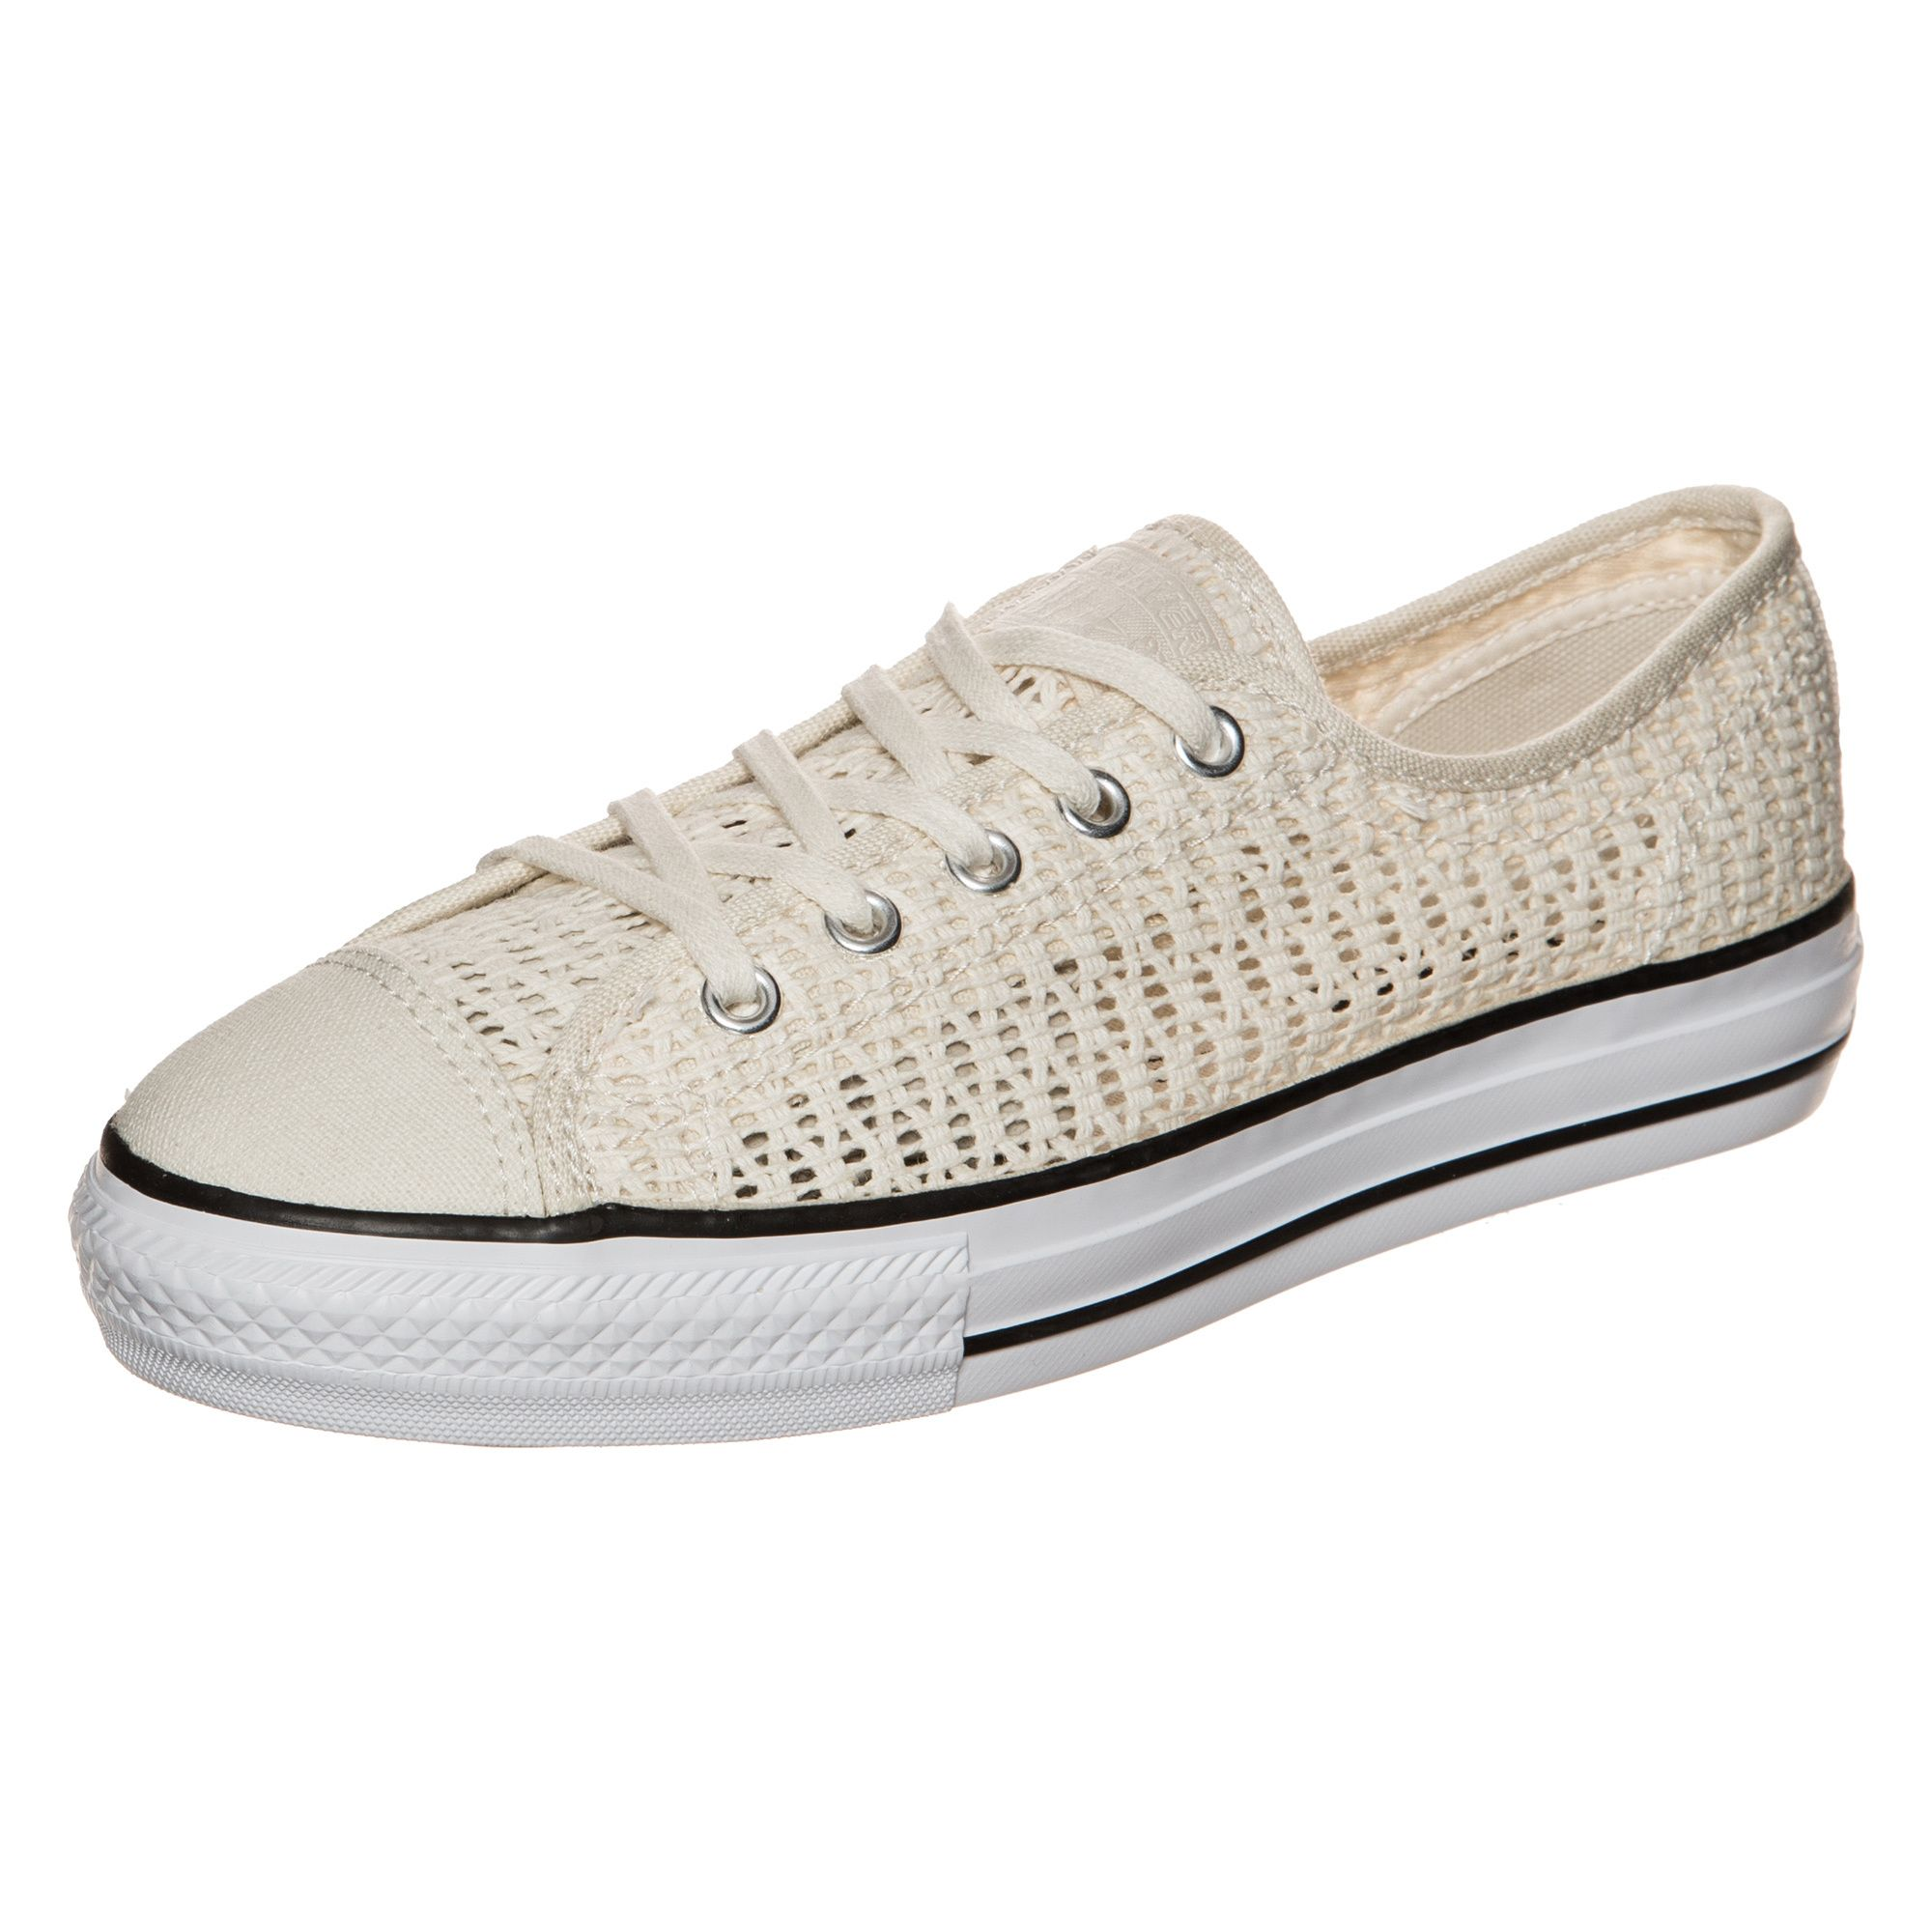 CONVERSE Converse Chuck Taylor All Star High Line OX Sneaker Damen